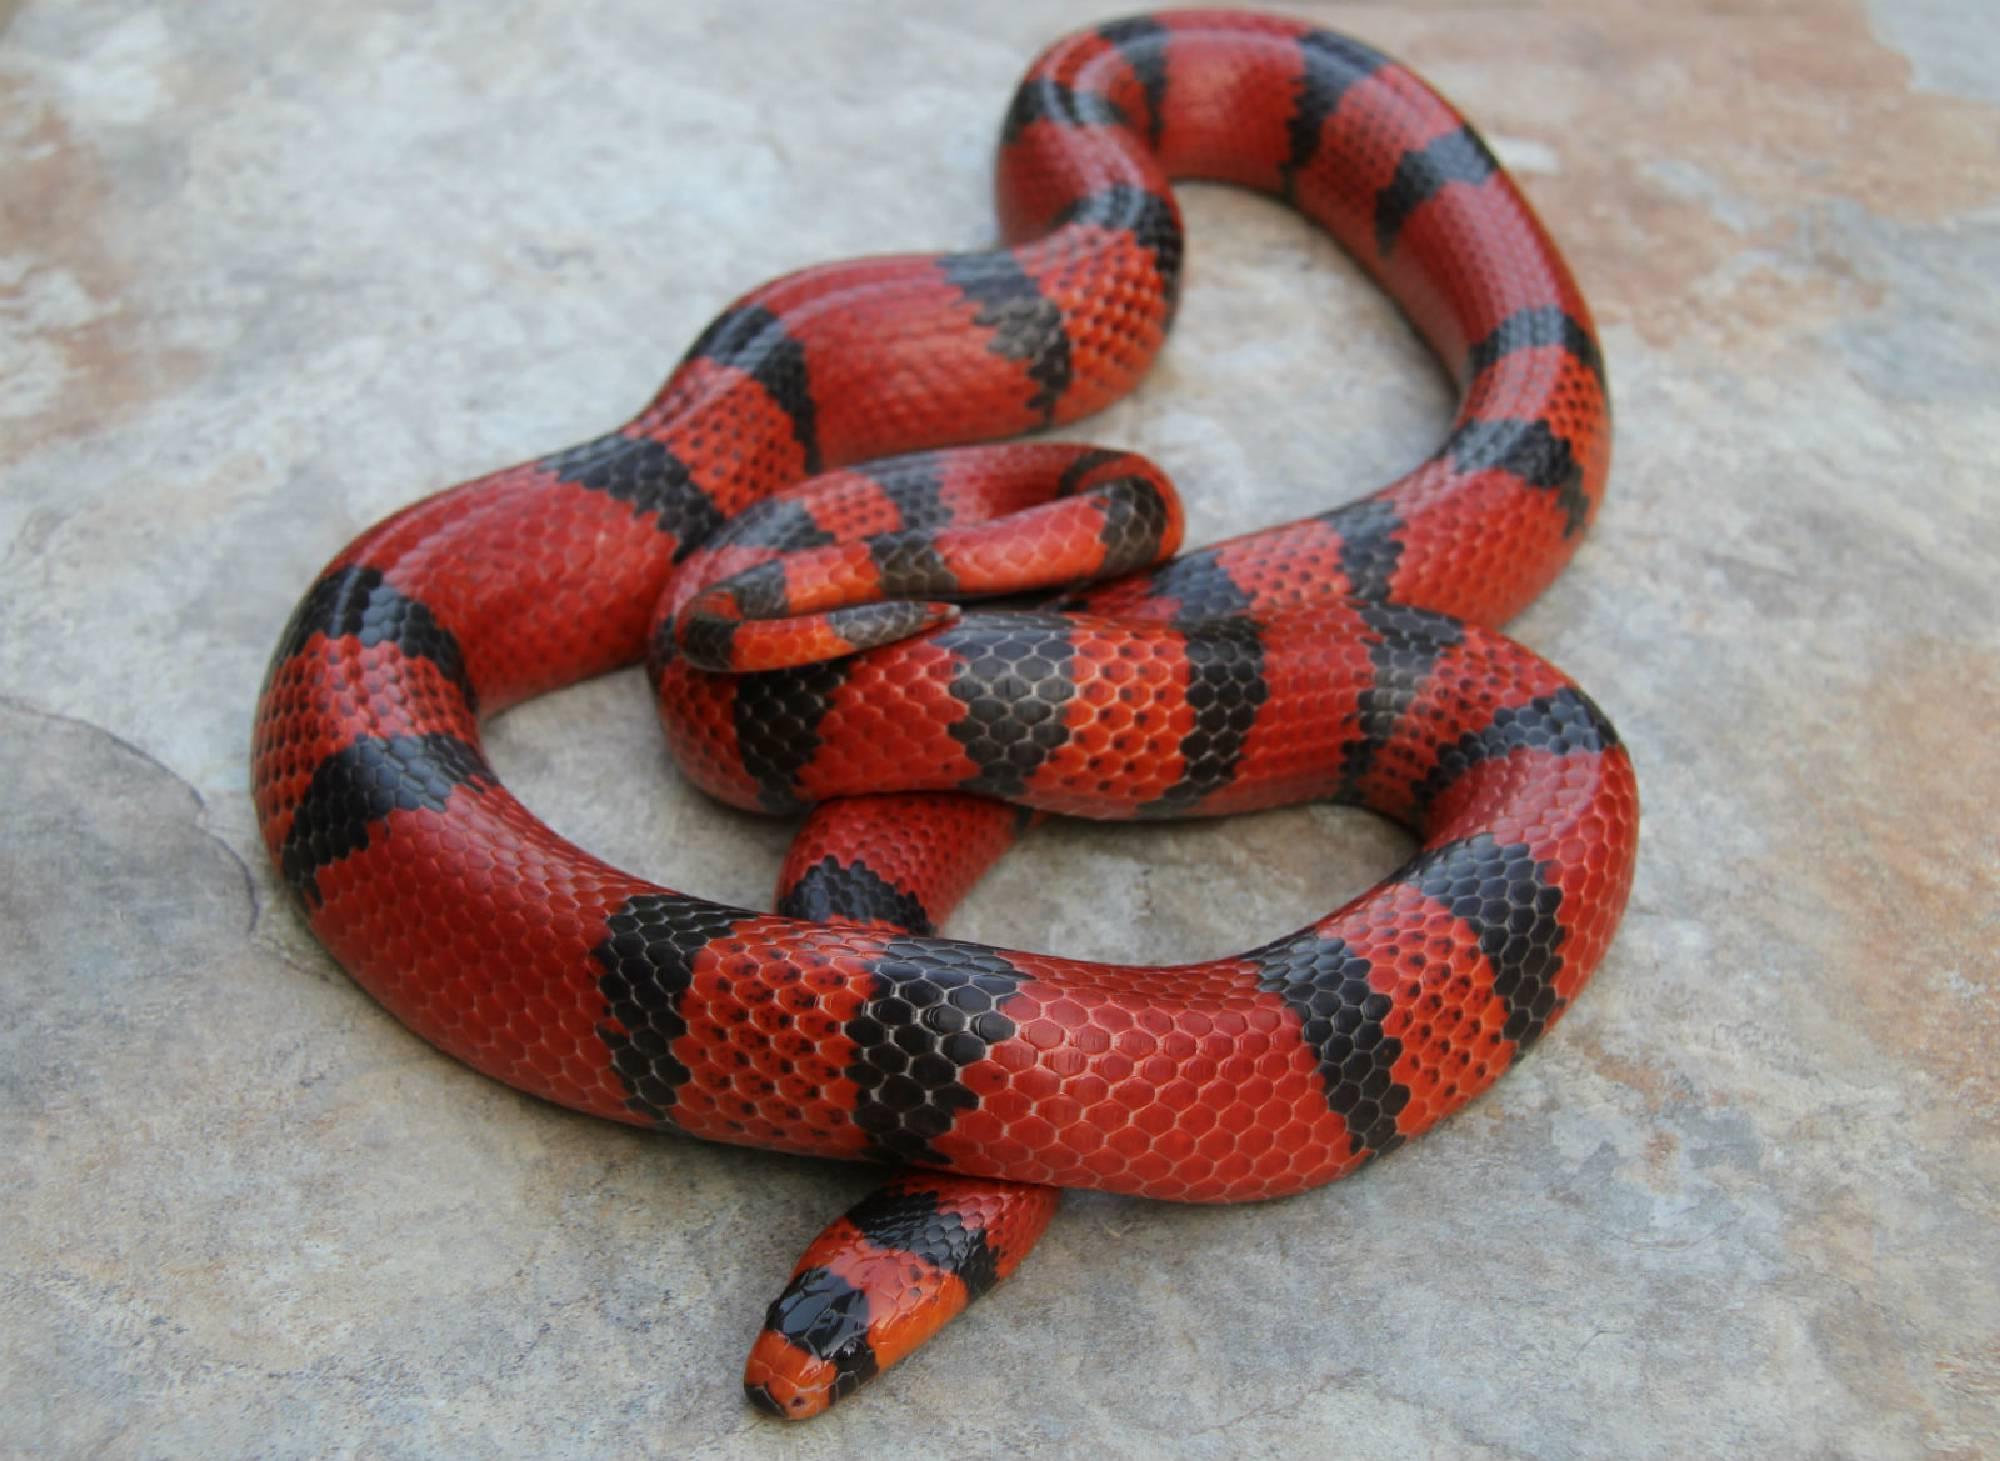 Mexican Black Kingsnake Lampropeltis getula nigrita 20 available 24900 Radiated Rat Snake Elaphe radiata CB 2018 Inquire Nelsons Milksnake Lampropeltis